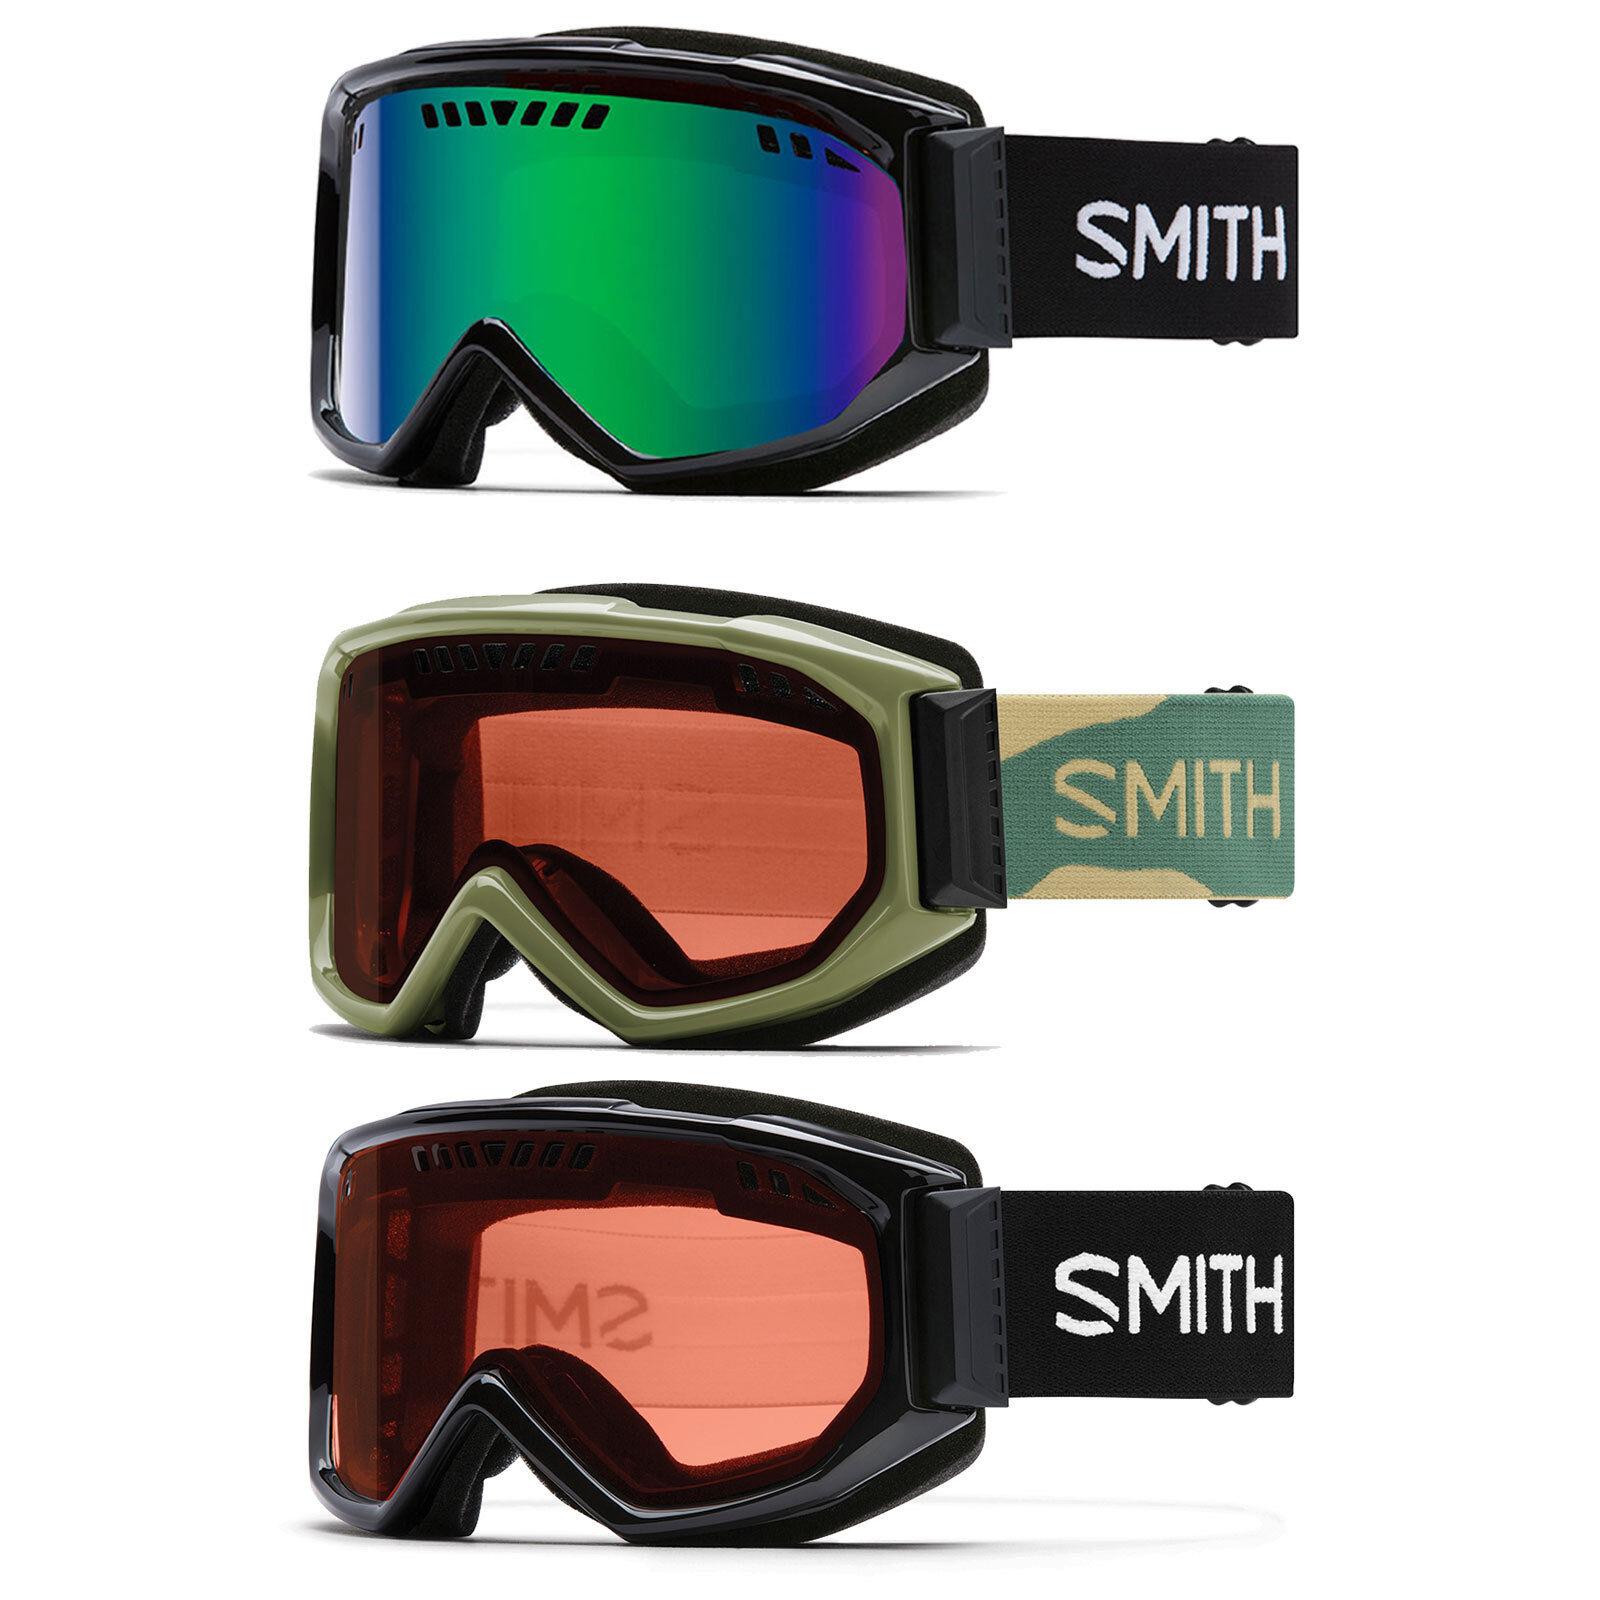 Smith Scope pro Goggle Ski Goggles Snowboard Goggles Snow Goggles Glasses